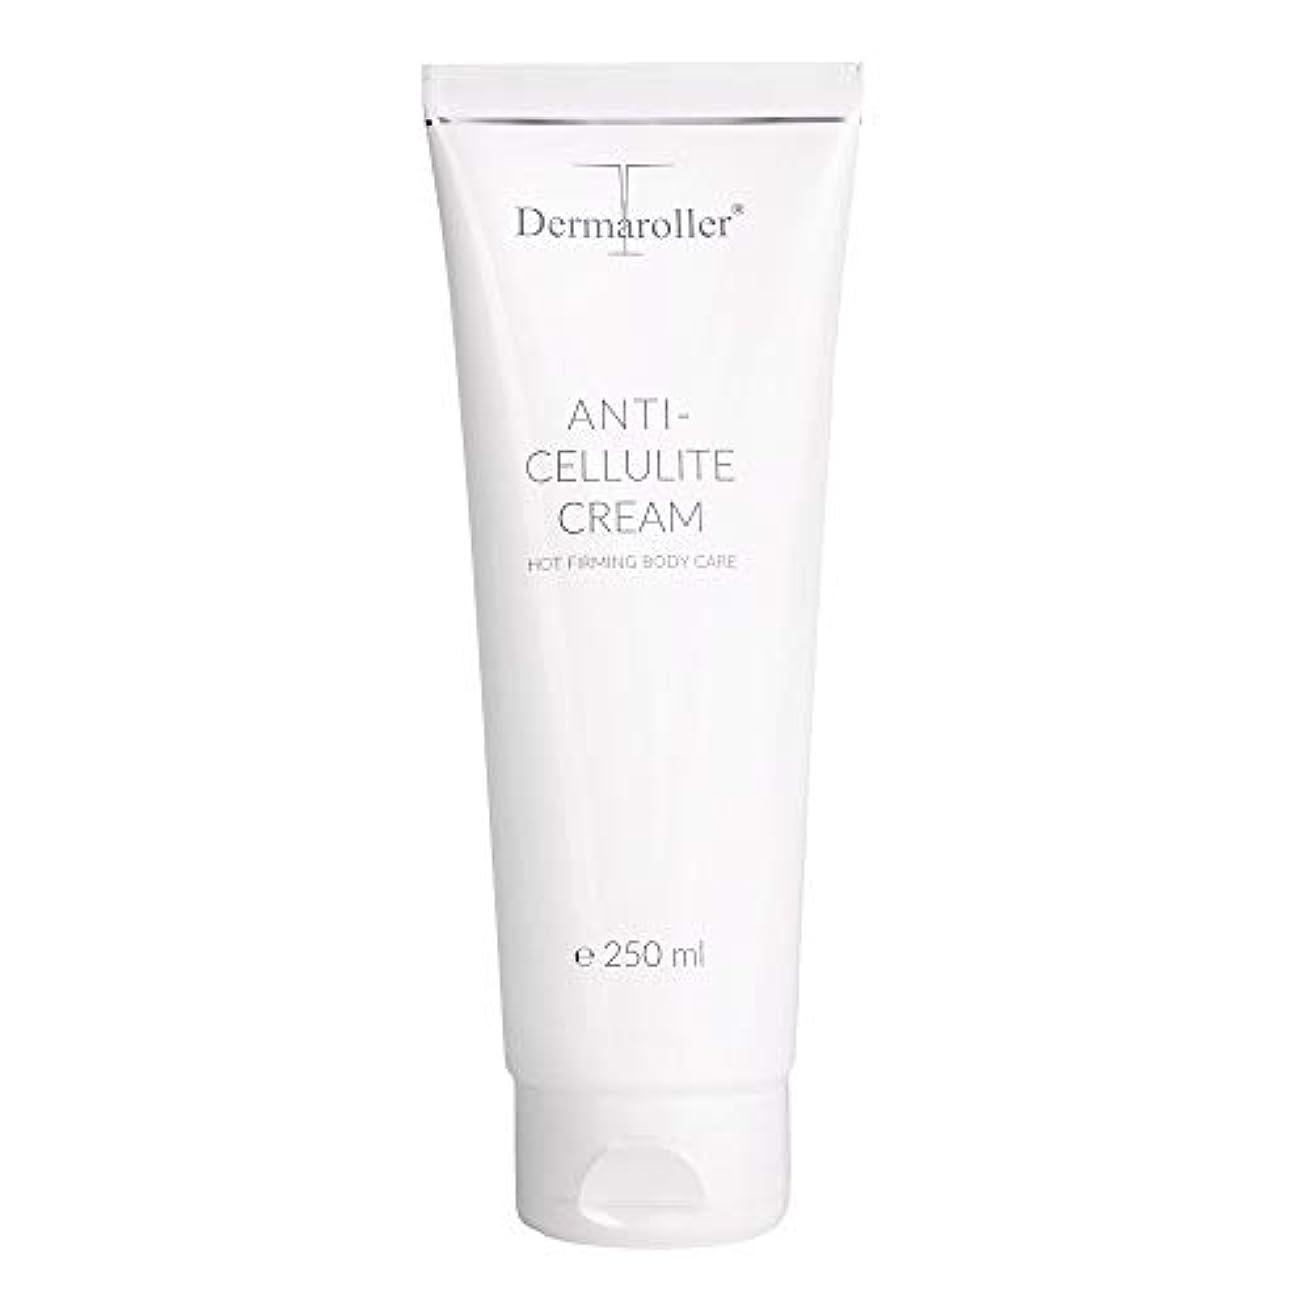 たとえ環境放映Dermaroller アンチ セルライト クリーム 250ml [Dermaroller]Anti-Cellulite Cream